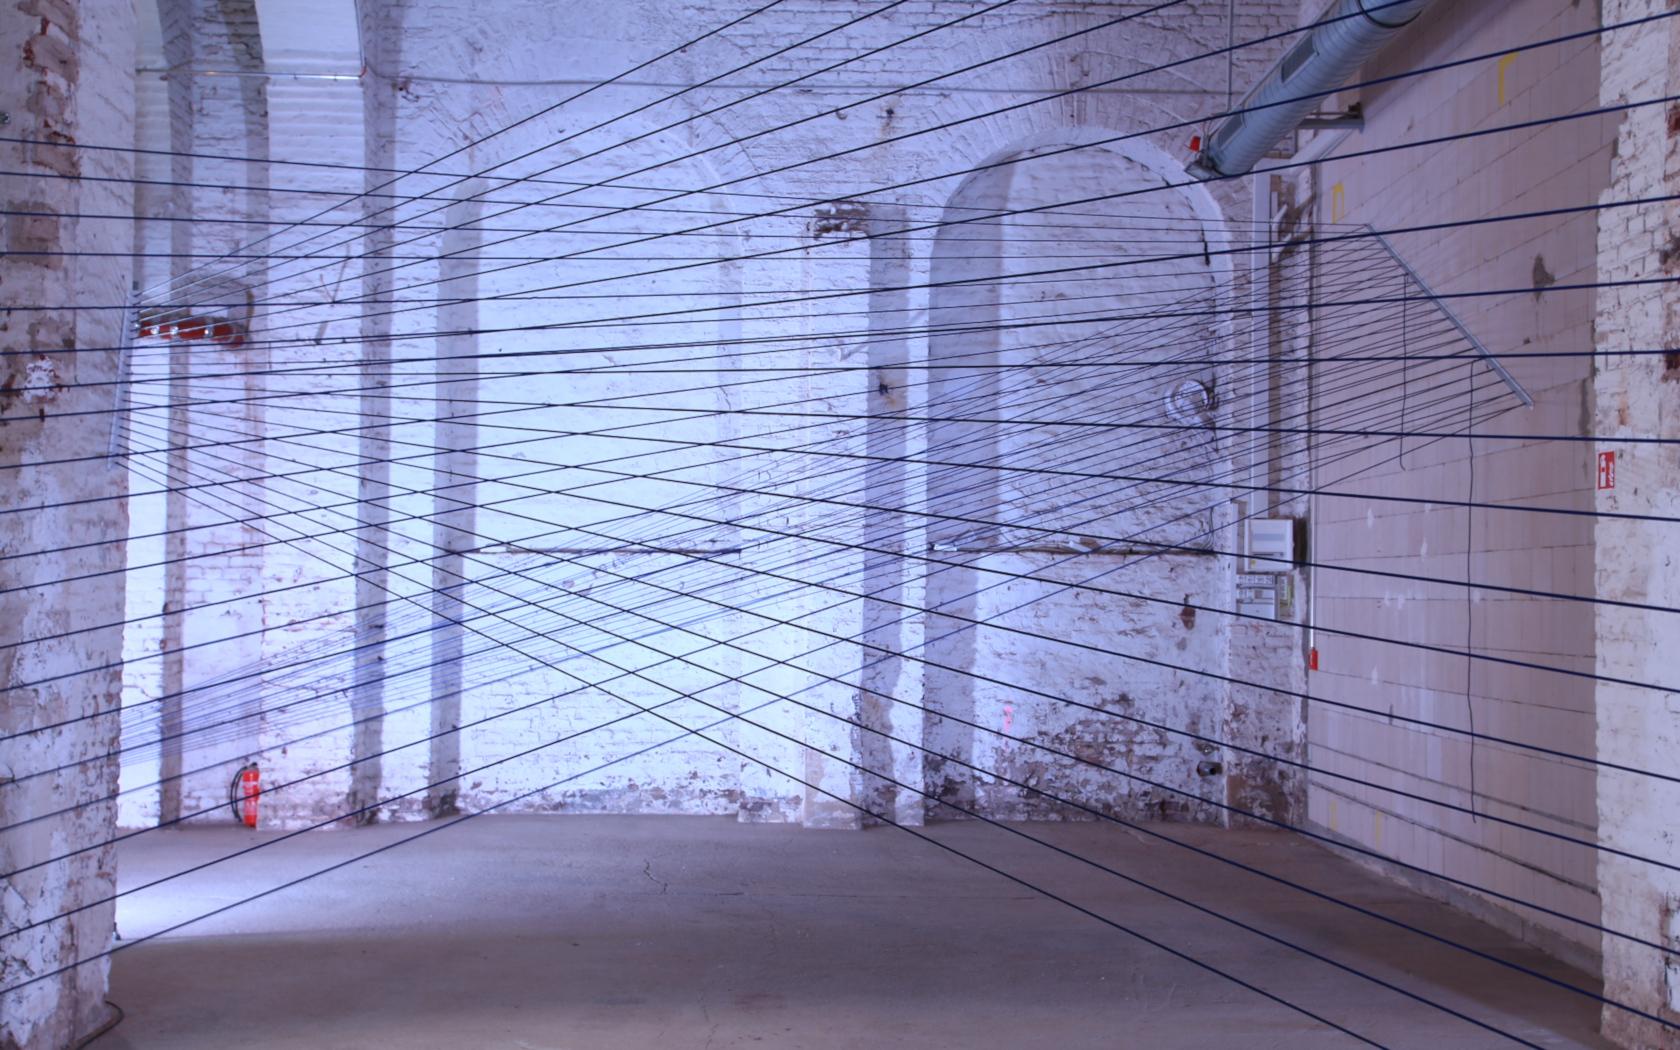 dünne Linien, einfach Linien, Raumskultpur, Geflecht, Schnurrskulptur, minimalismus, Skulptur im Raum, Installation aus Fäden